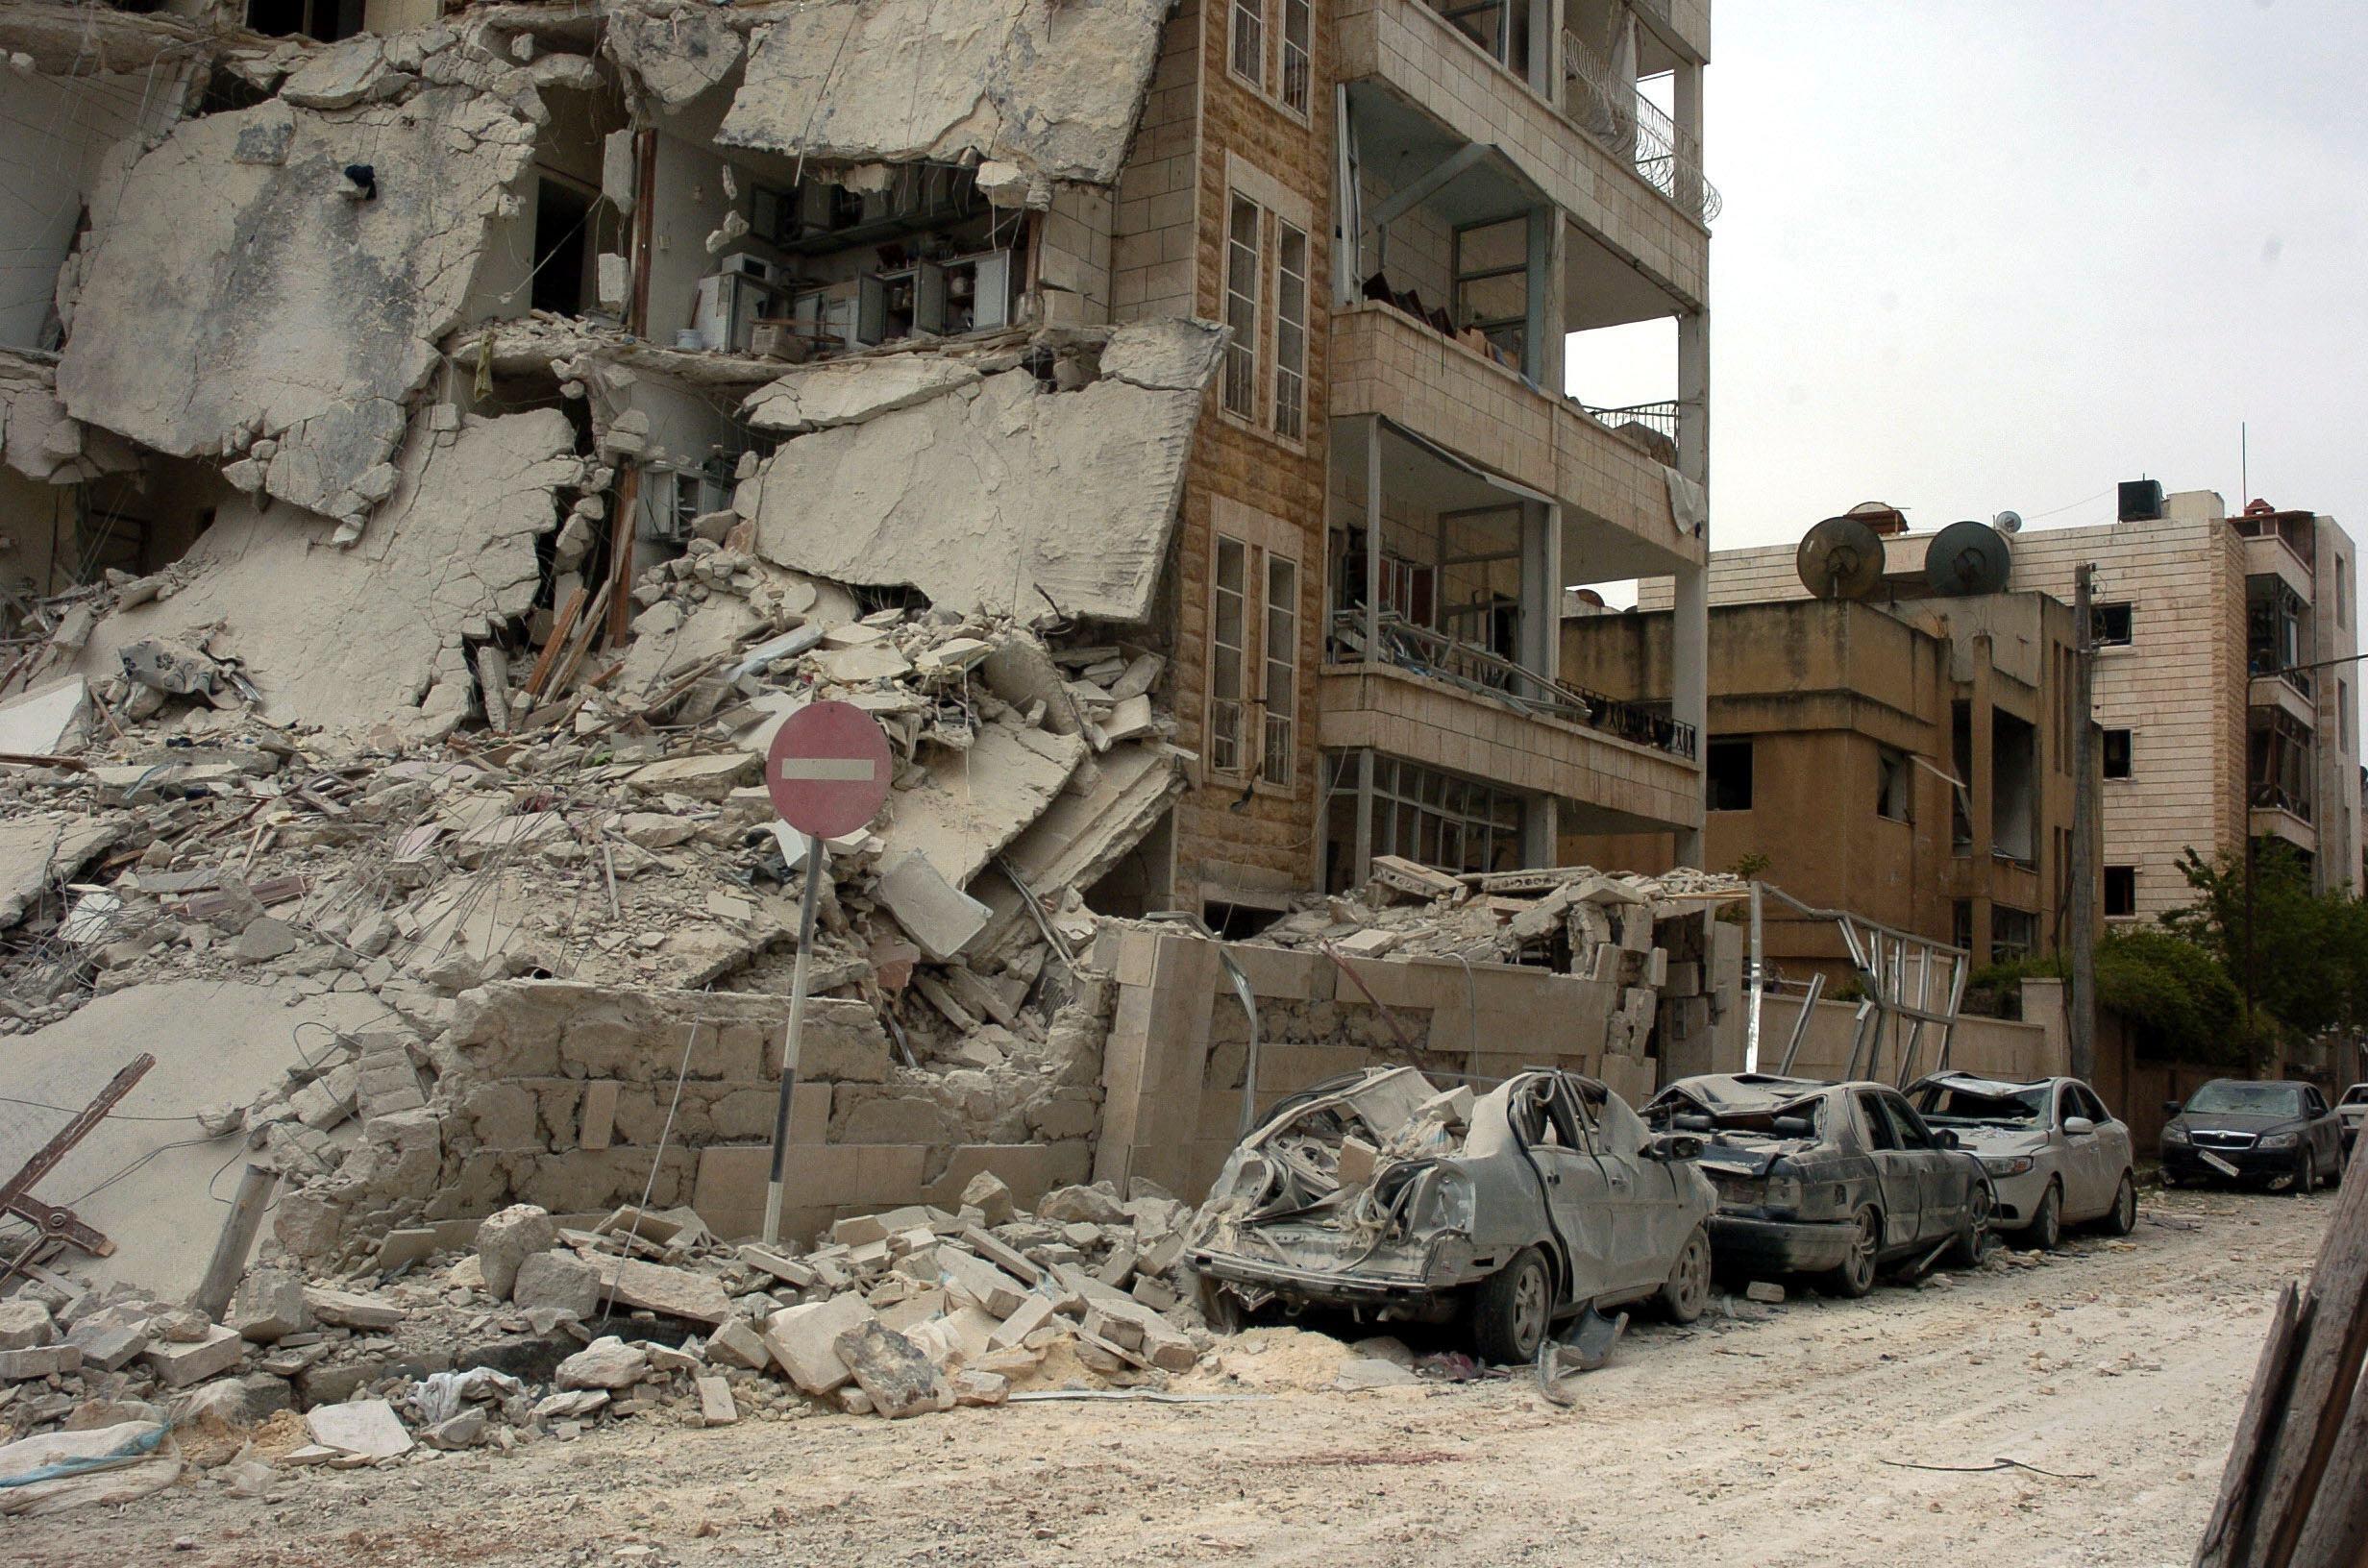 Mashambulizi ambayo yanaendelea kushuhudiwa nchini Syria katika Mji wa Idlib na kuleta madhara